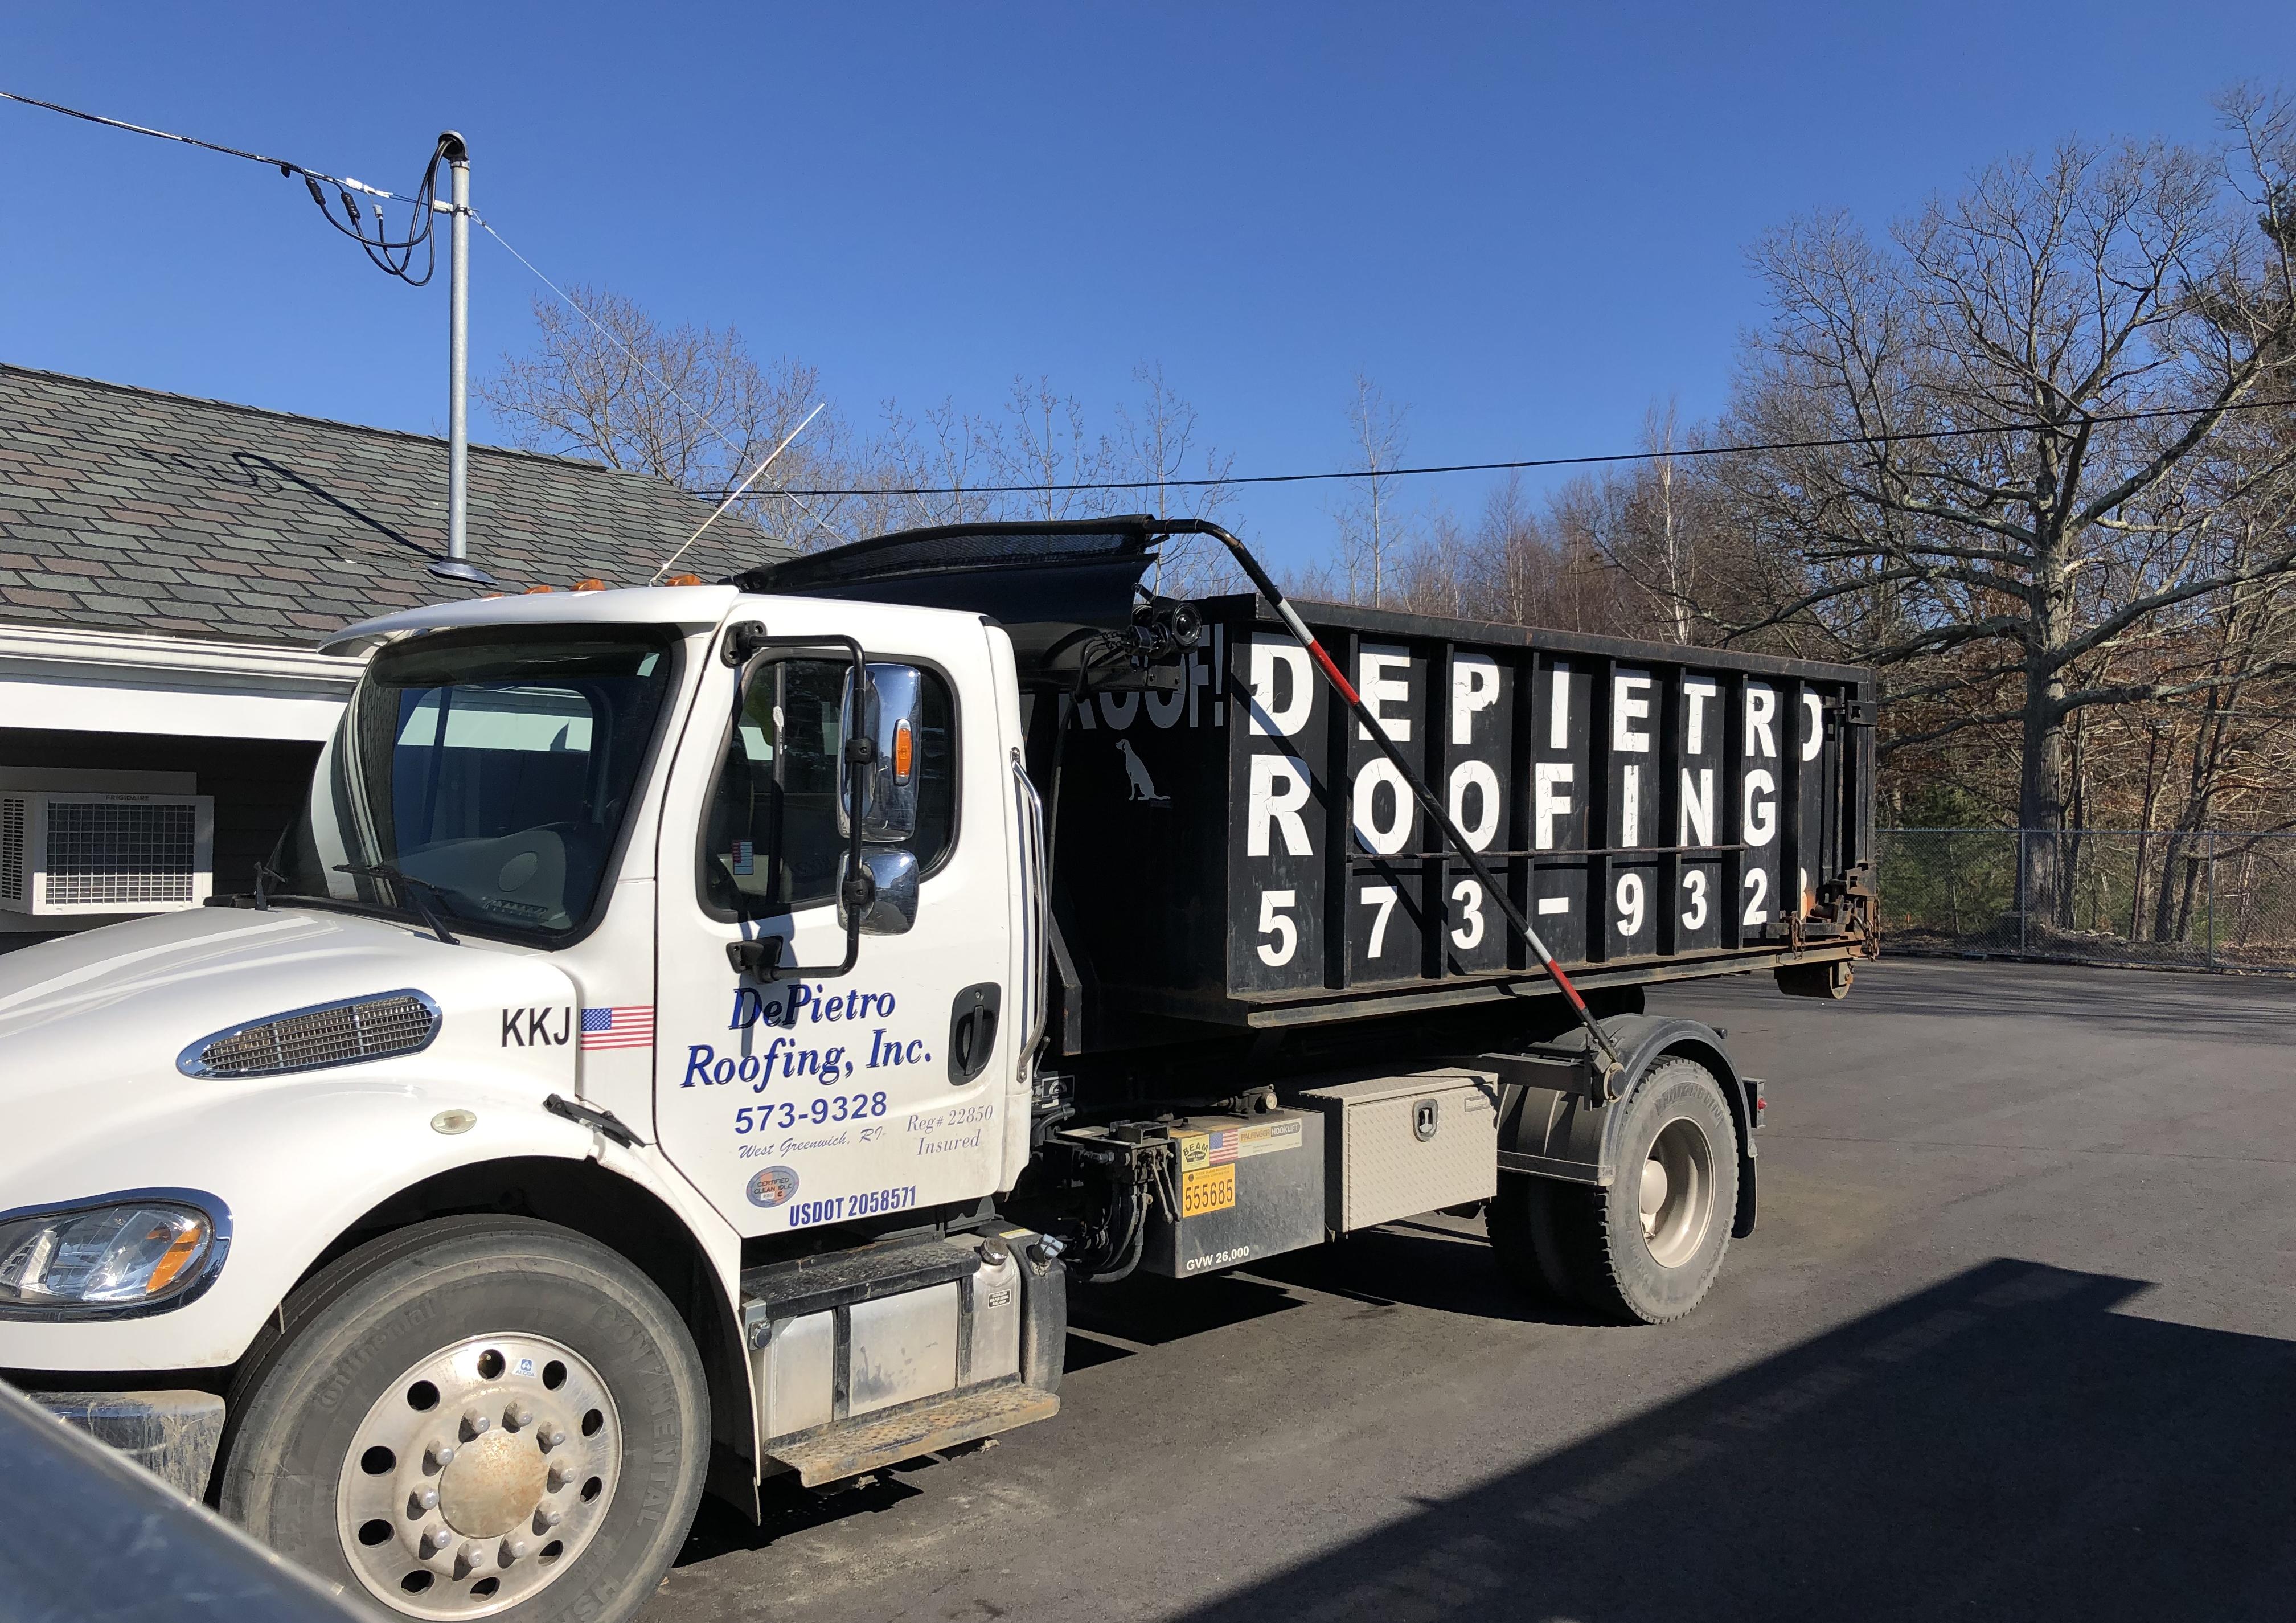 DePietro-Roofing-truck